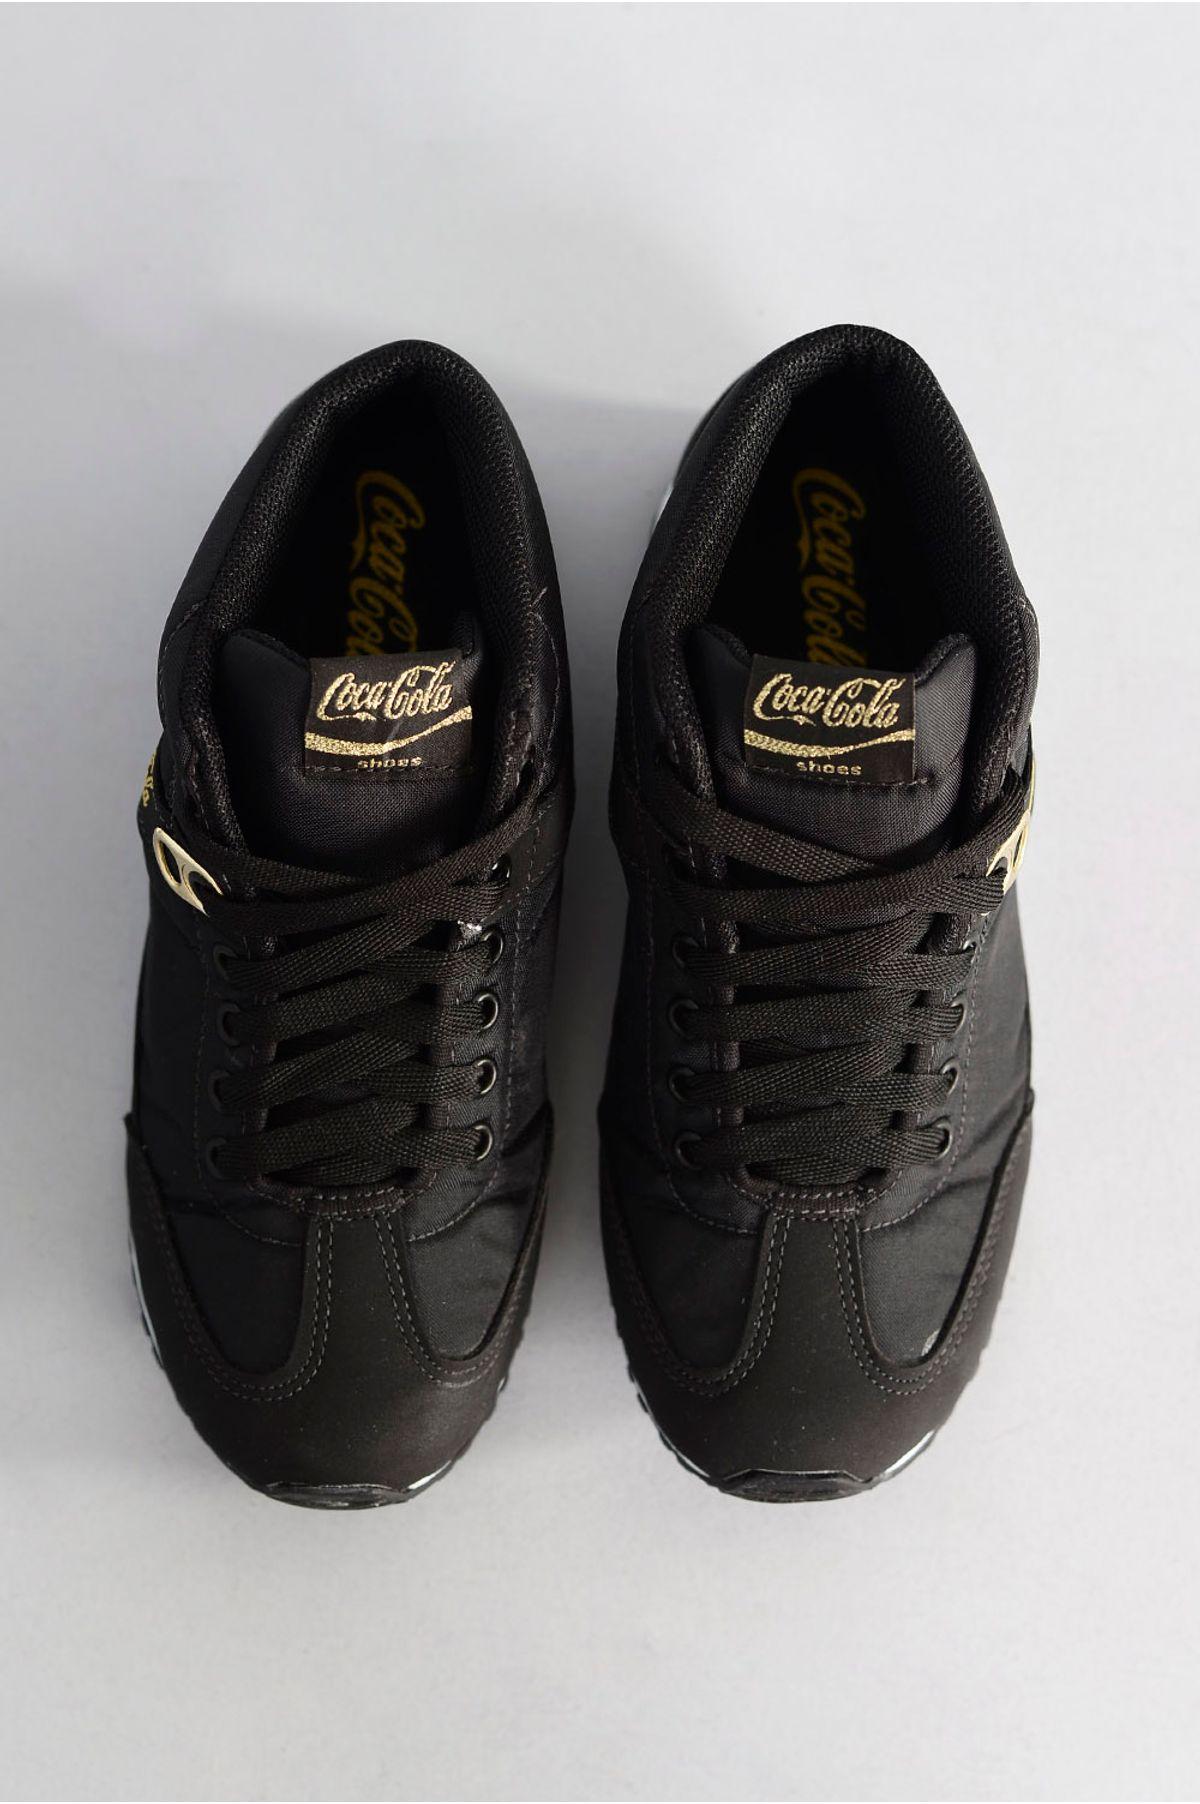 e35b1d54128 Tênis Coca Cola Place PRETO - Mundial Calçados